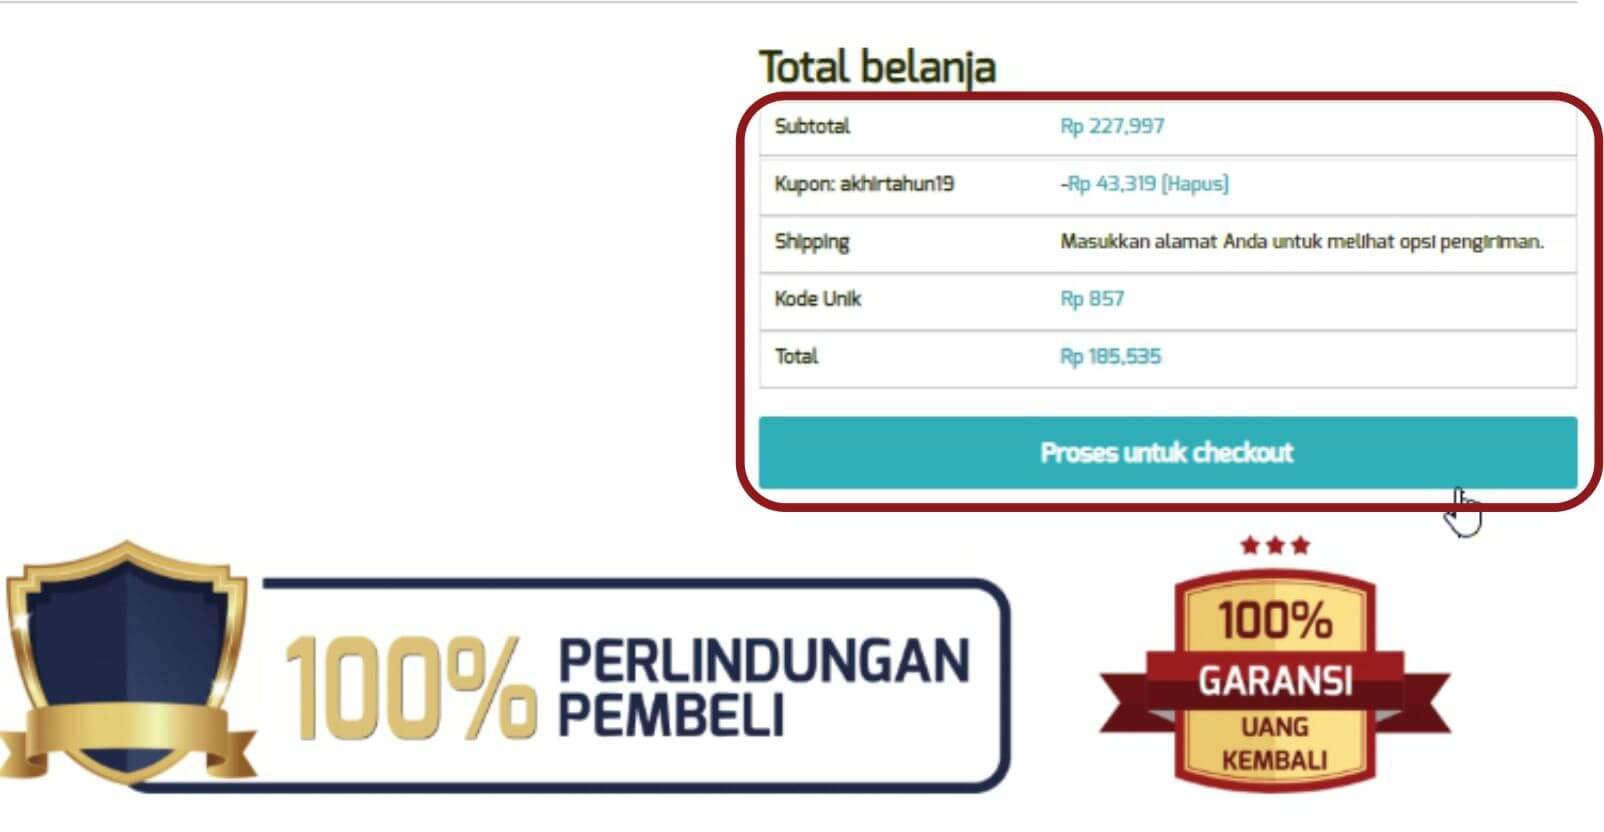 Cara order panduan langkah-langkah dengan gambar step by step belanja online di toko herbal terpercaya Tazakka Group 7C